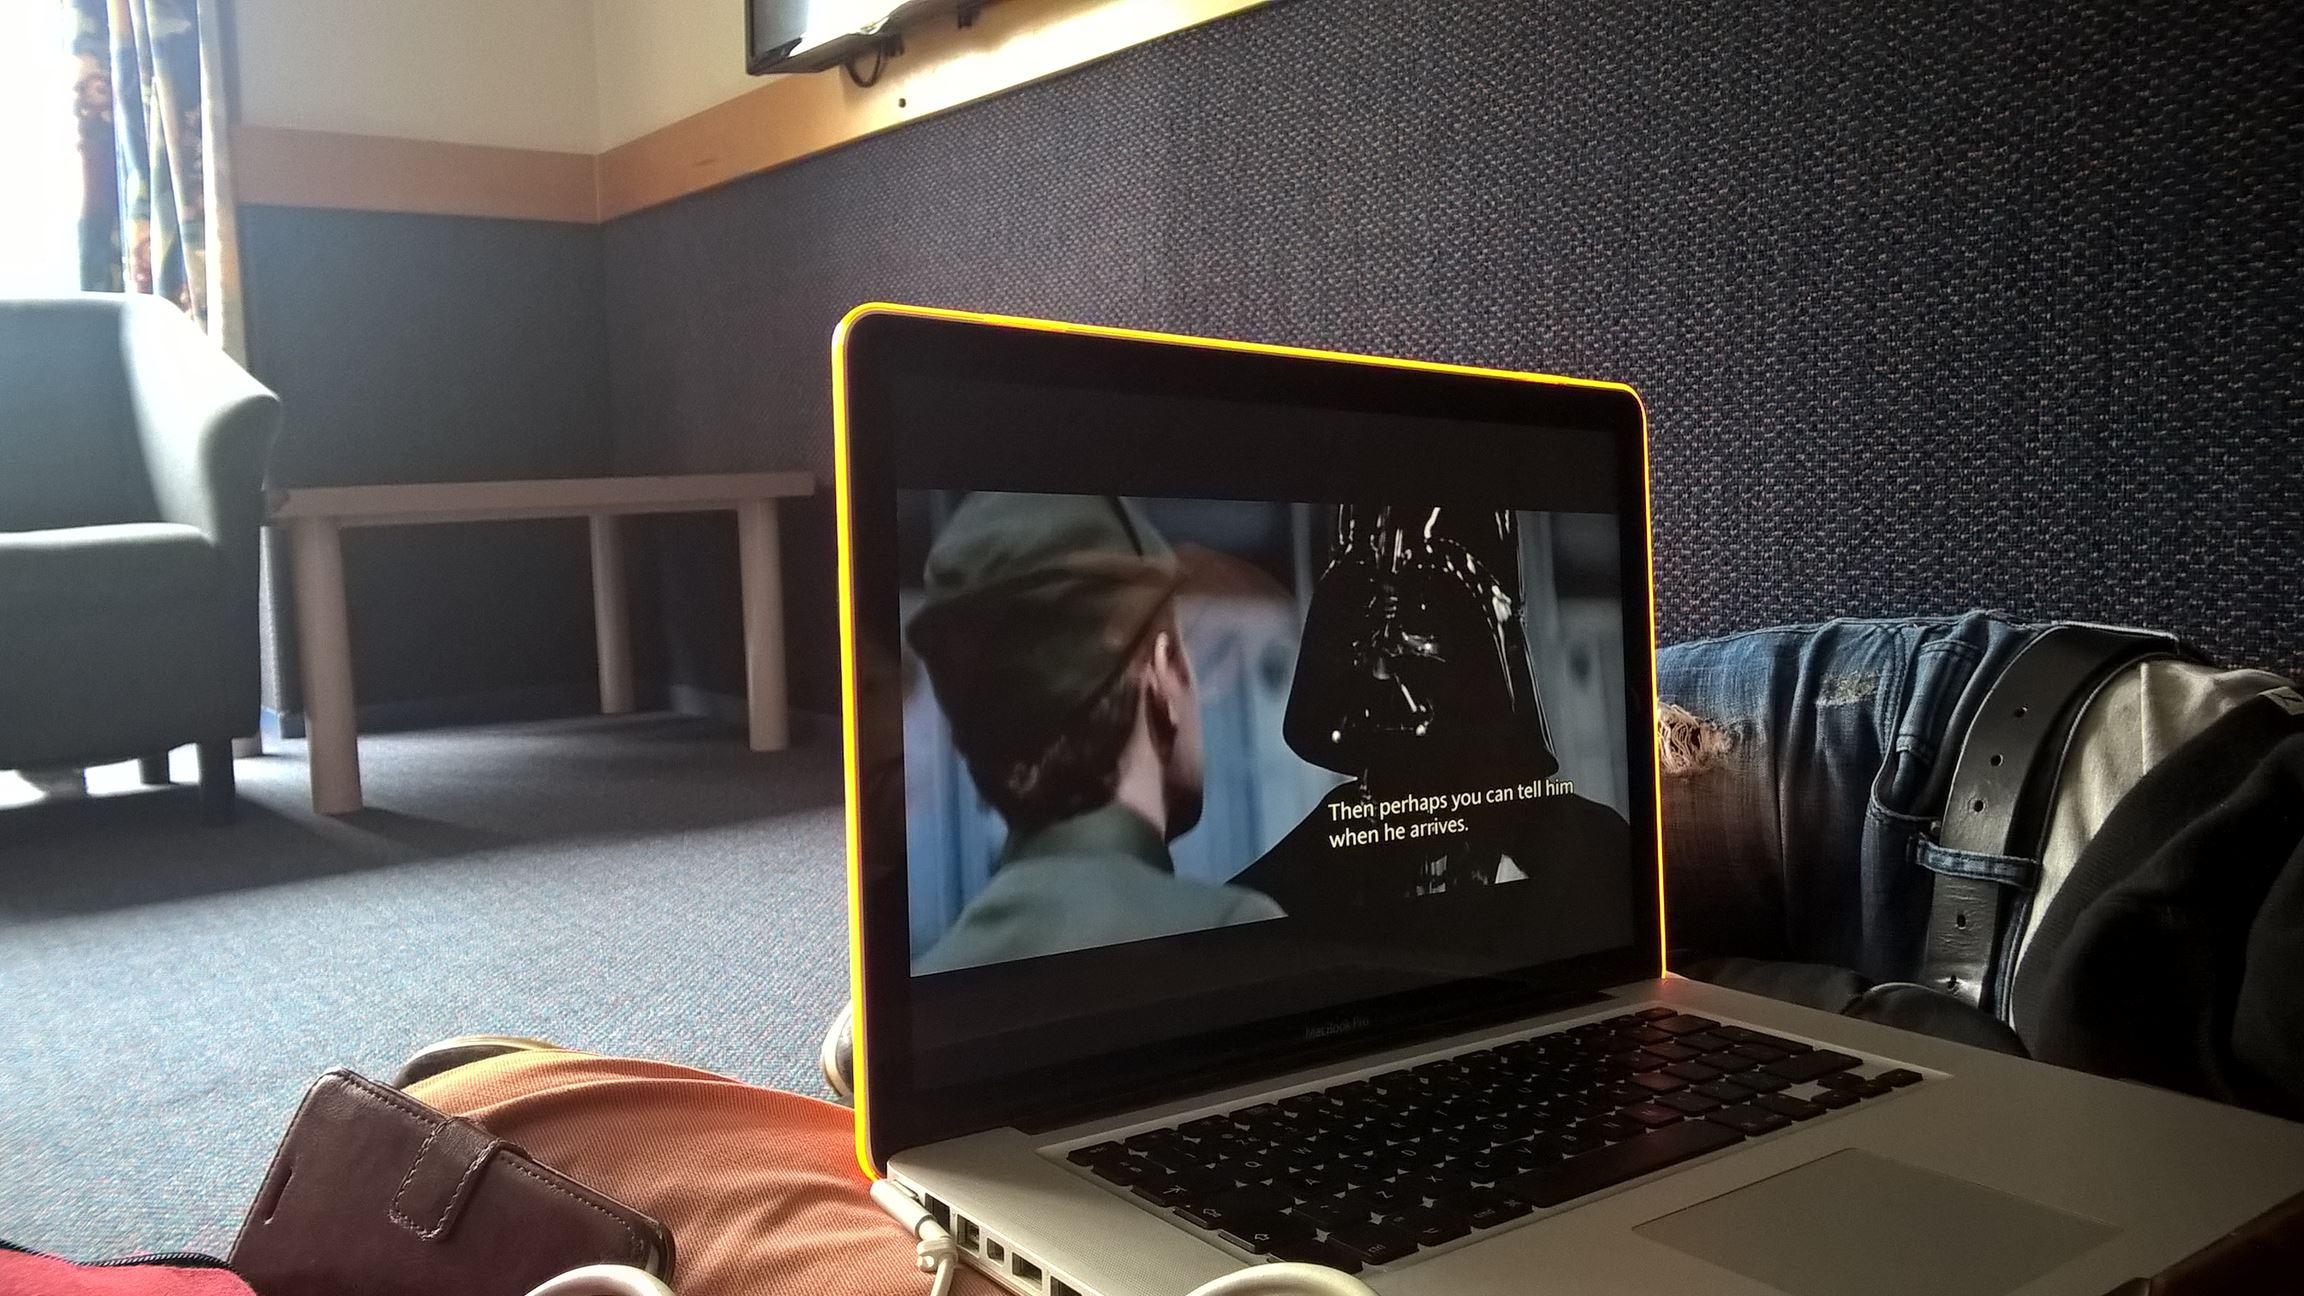 Vorbereitungen für den Star Wars Abend